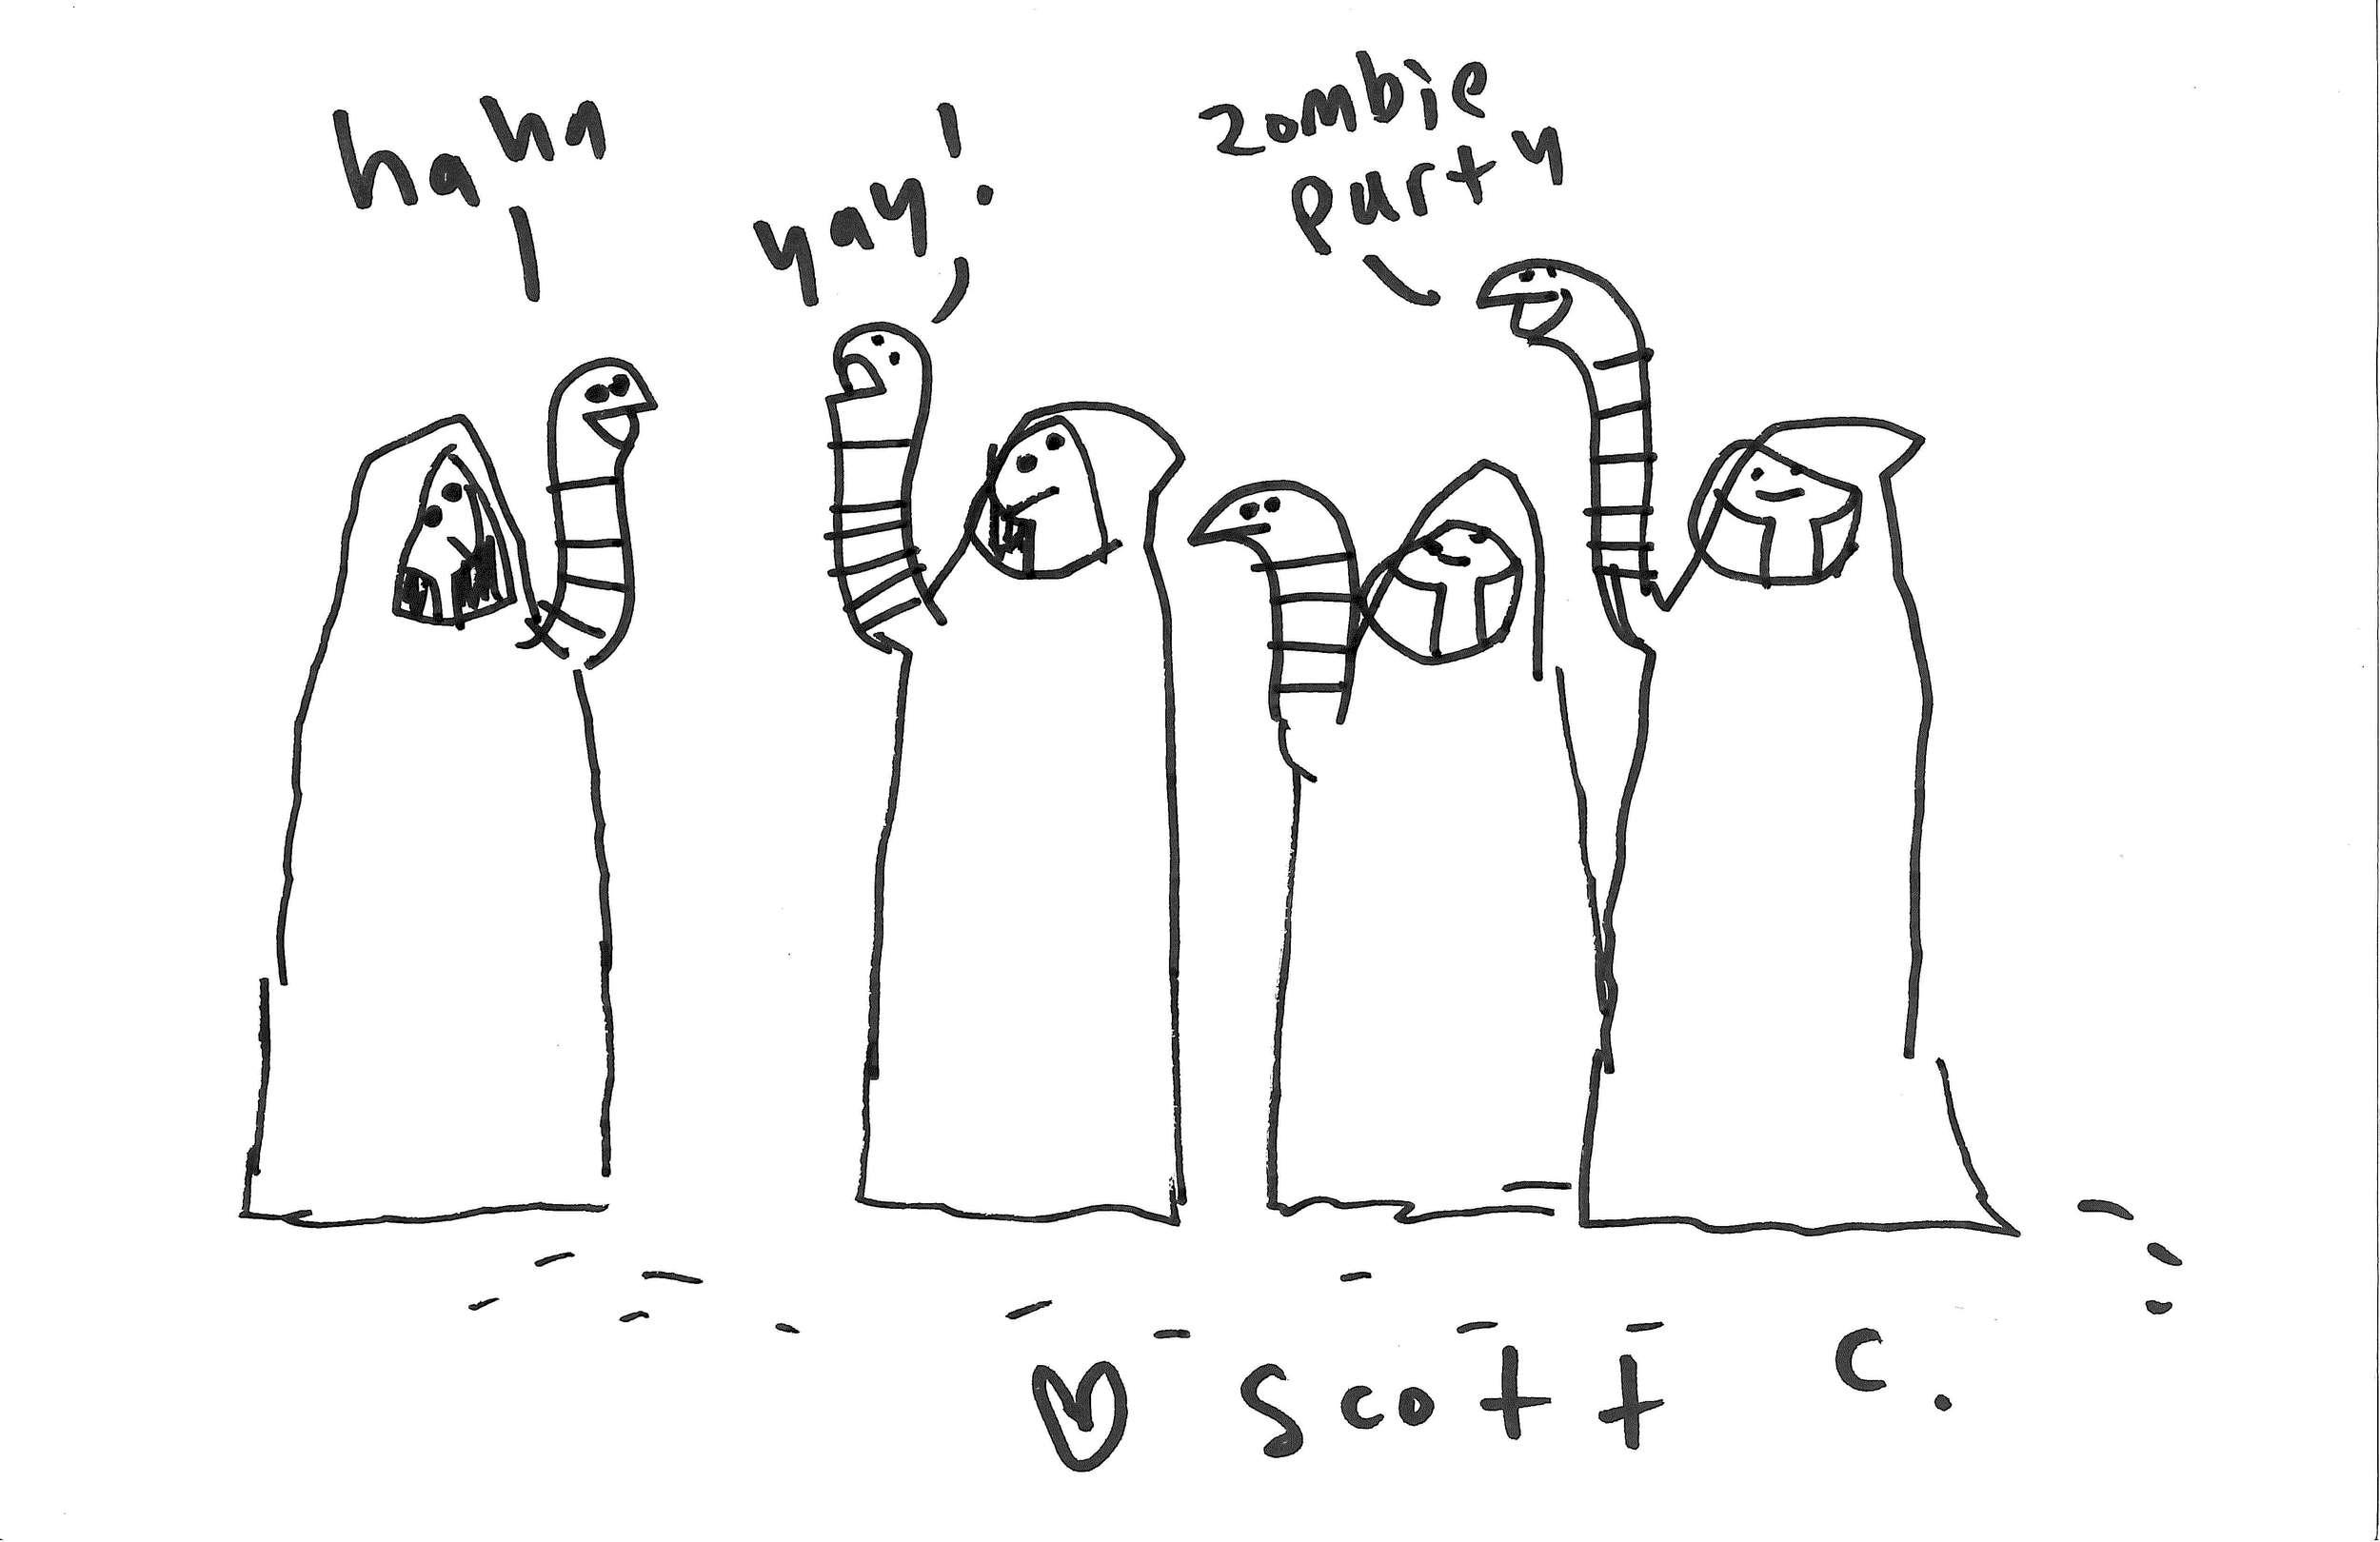 Scott 1.jpg